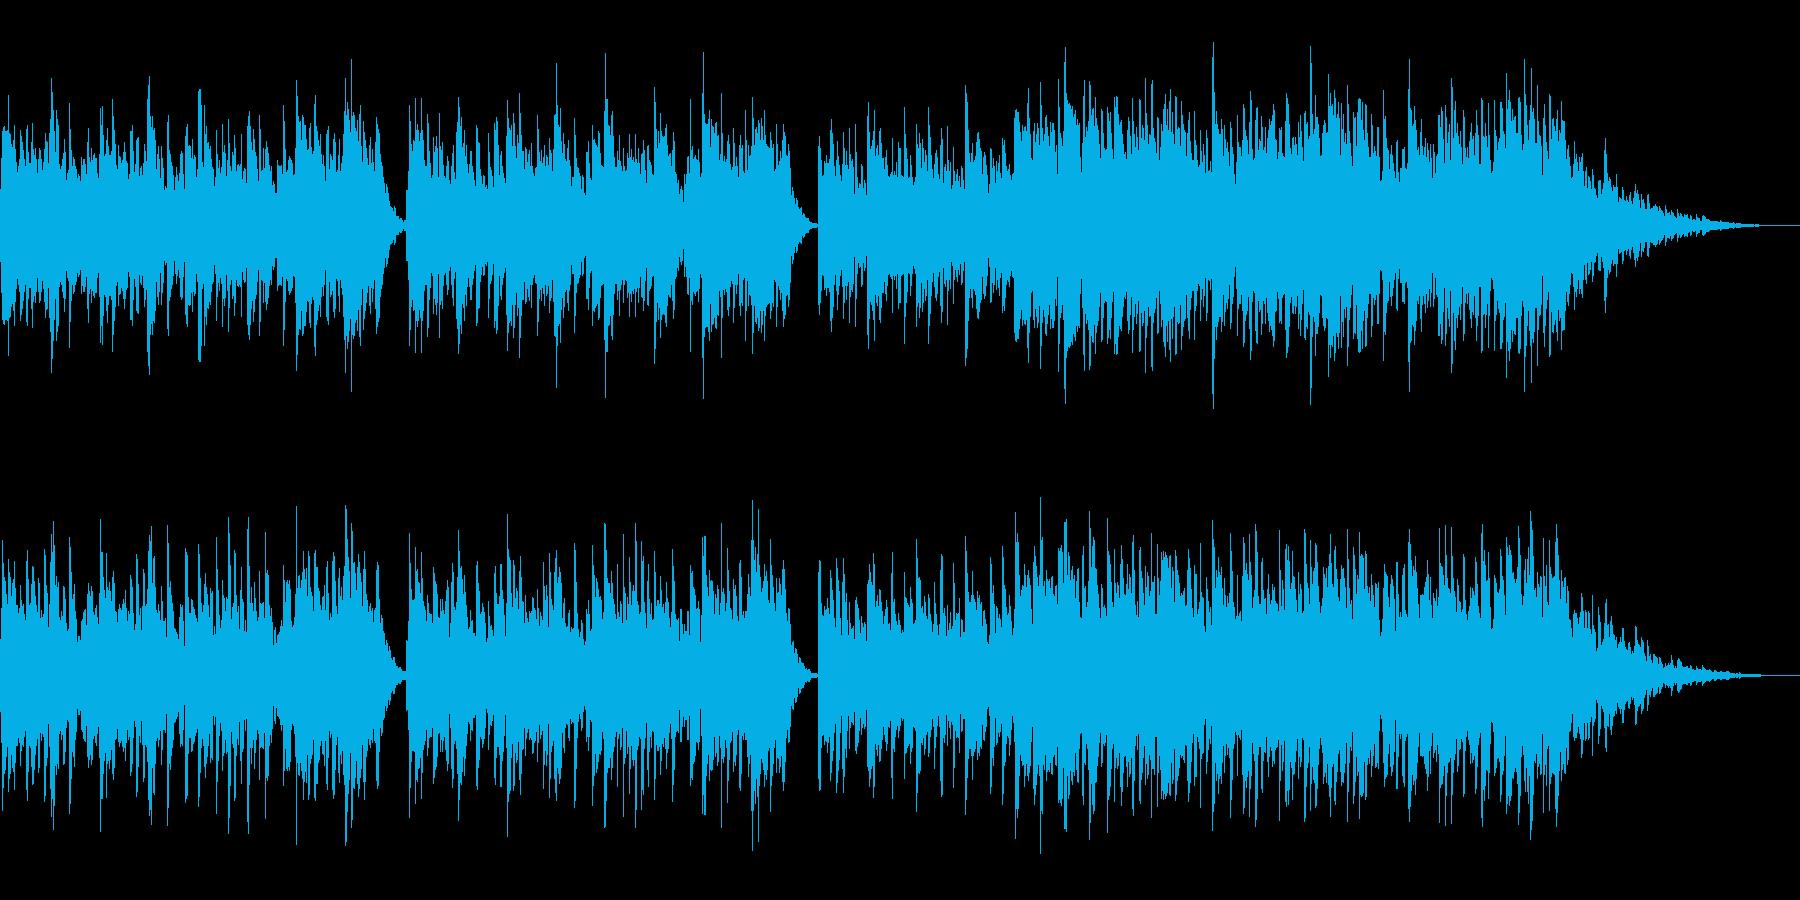 動画BGM用のピアノ曲(エレピ)の再生済みの波形